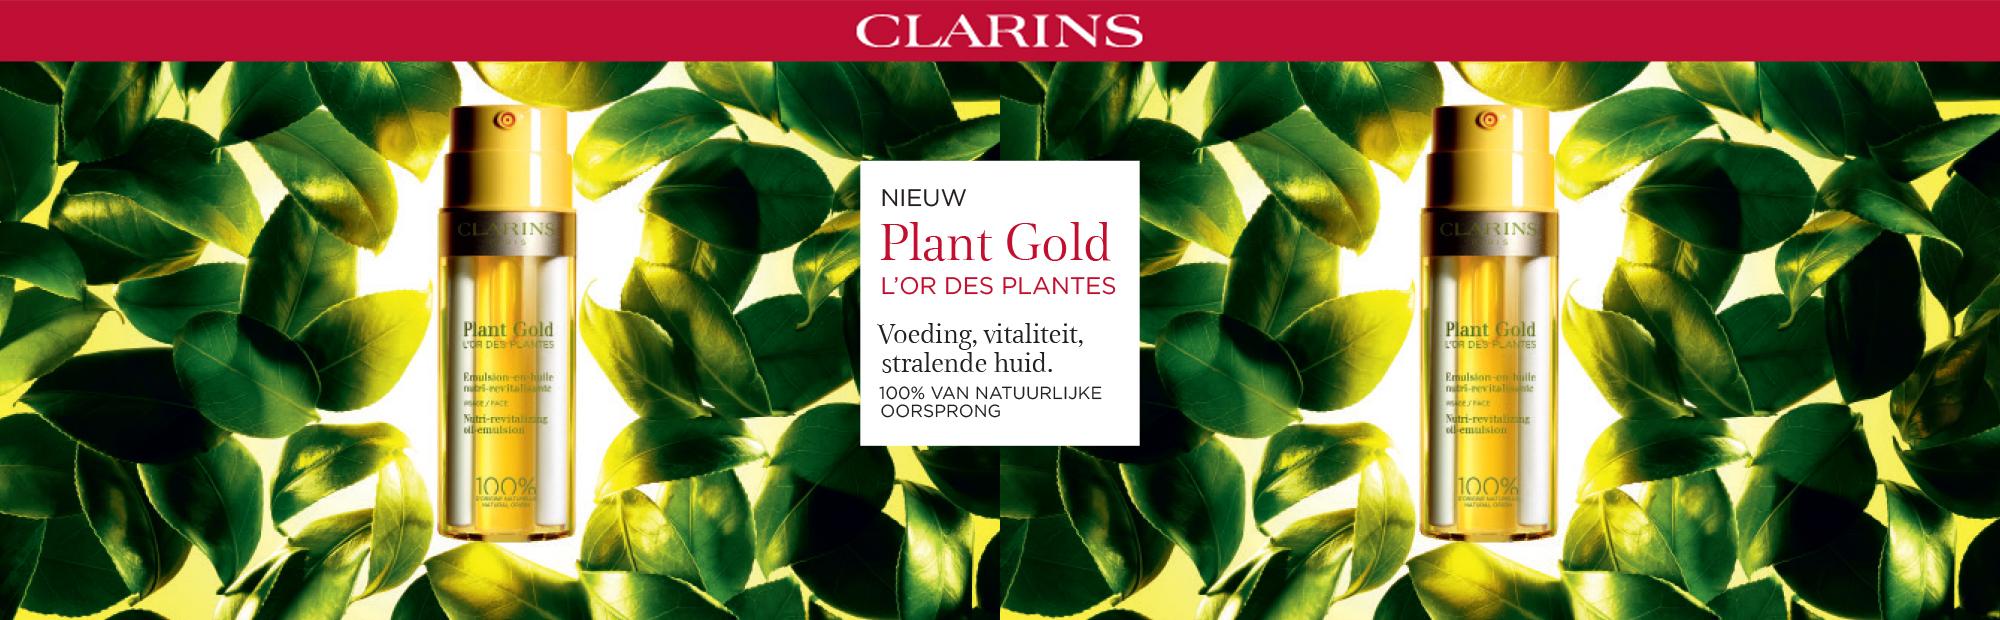 Banner-Plant-Gold-2000x620-pixels